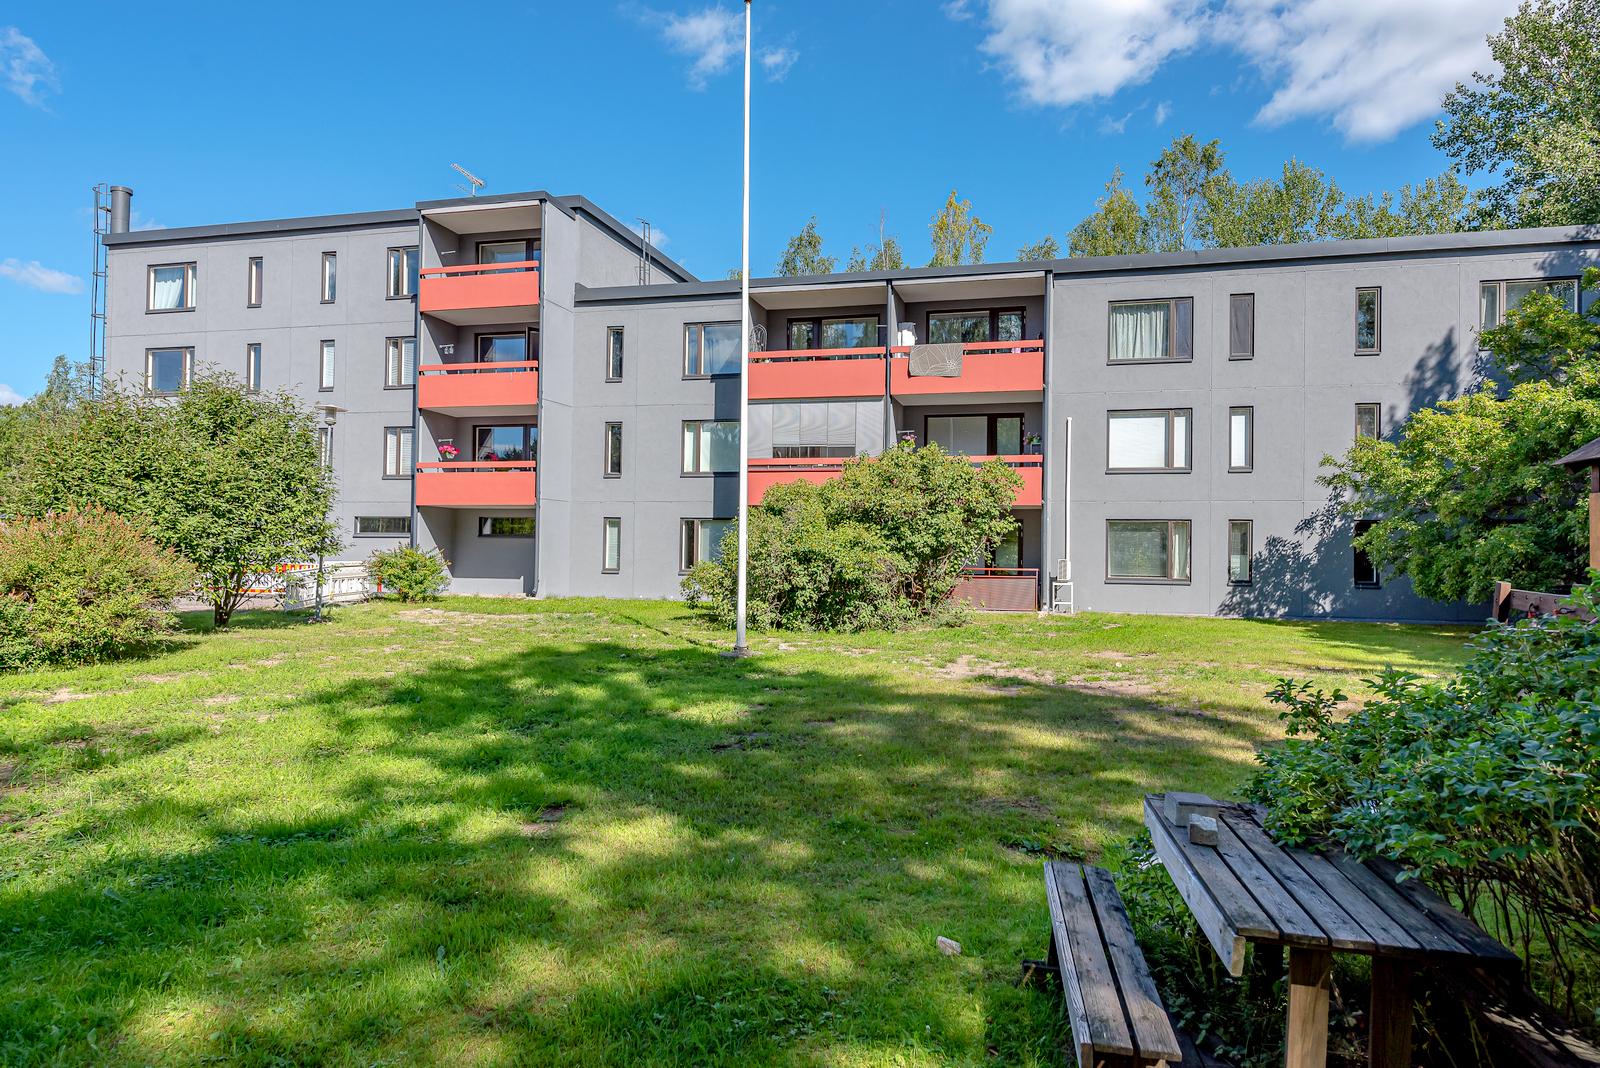 Kellokoski, Mäntsälä